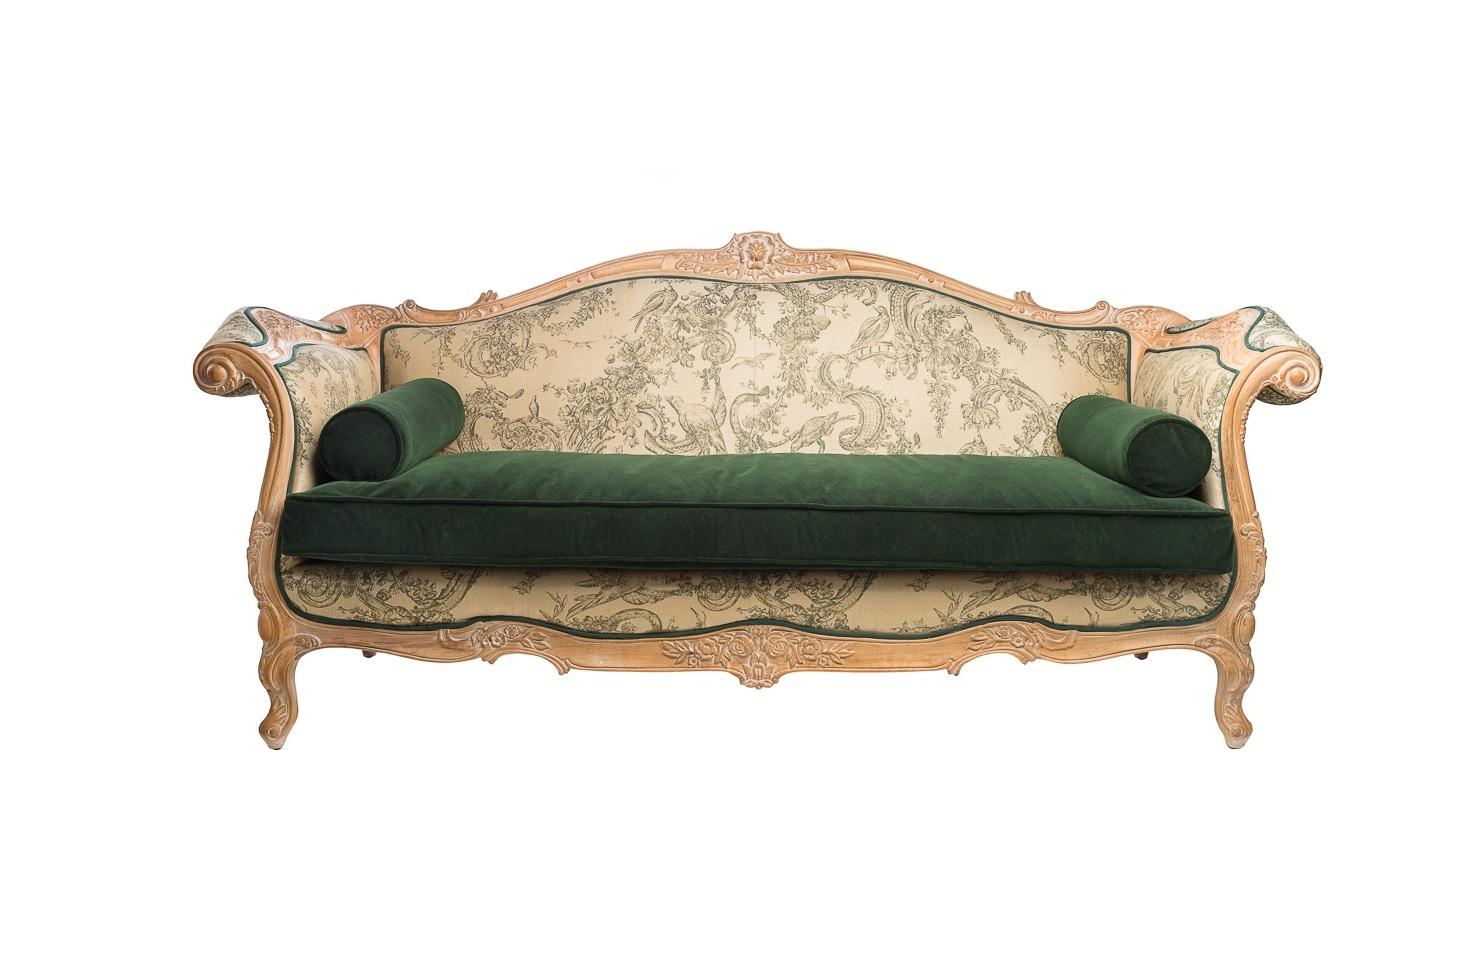 Диван Young LionДвухместные диваны<br>&amp;quot;Young Lion&amp;quot; ? невероятно роскошный и стильный винтажный диван, дизайн которого заключает в себе все великолепие французского шика. Изысканные изгибы его форм прекрасно гармонируют с утонченными узорами бежевой текстильной обивки. Изумрудное сиденье из мягкого бархата добавляет еще больше элегантности благородному облику дивана.&amp;amp;nbsp;<br><br>Material: Текстиль<br>Length см: 220<br>Width см: 85<br>Height см: 115